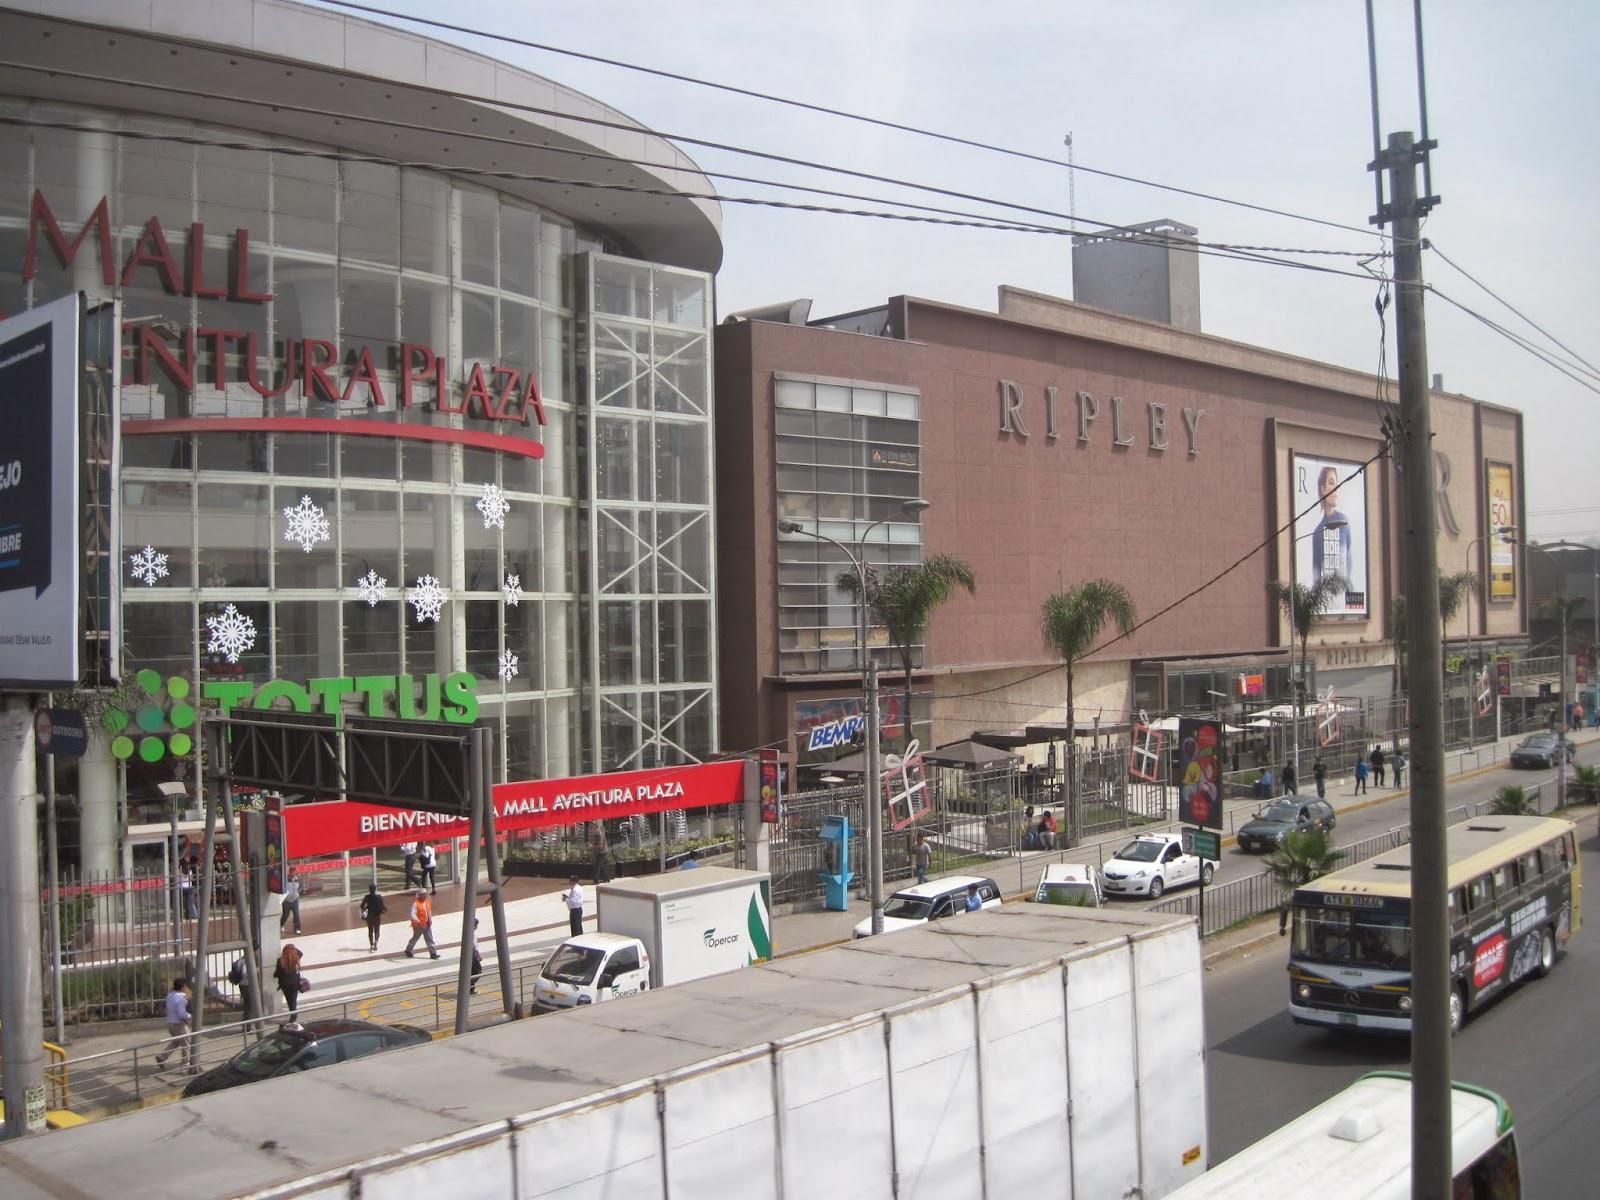 Santa Anita Centro Comercial De Santa Anita Mall